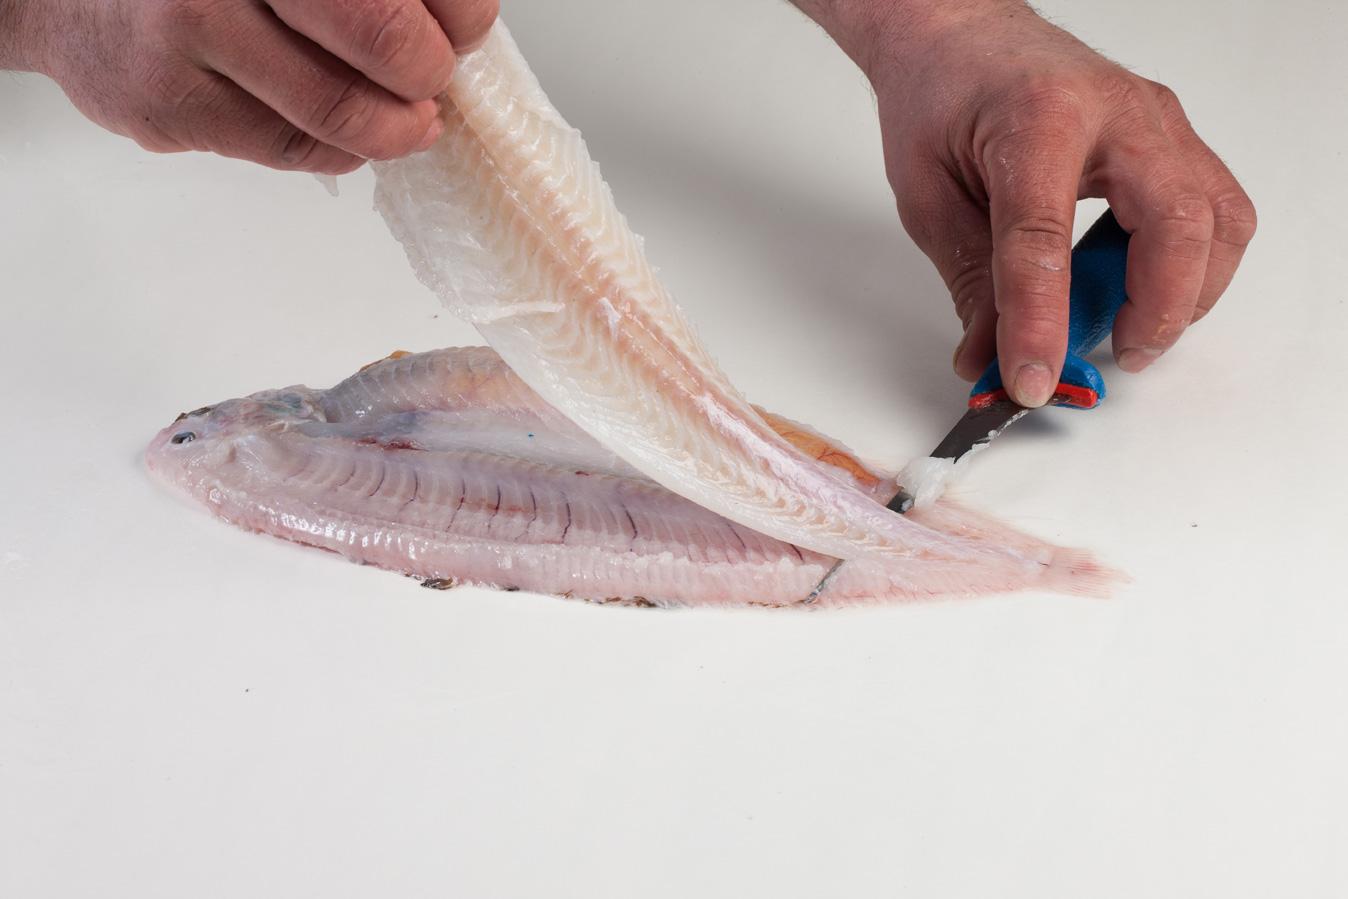 Groothandel-vis-FishXL-vis-tong_WL_9167